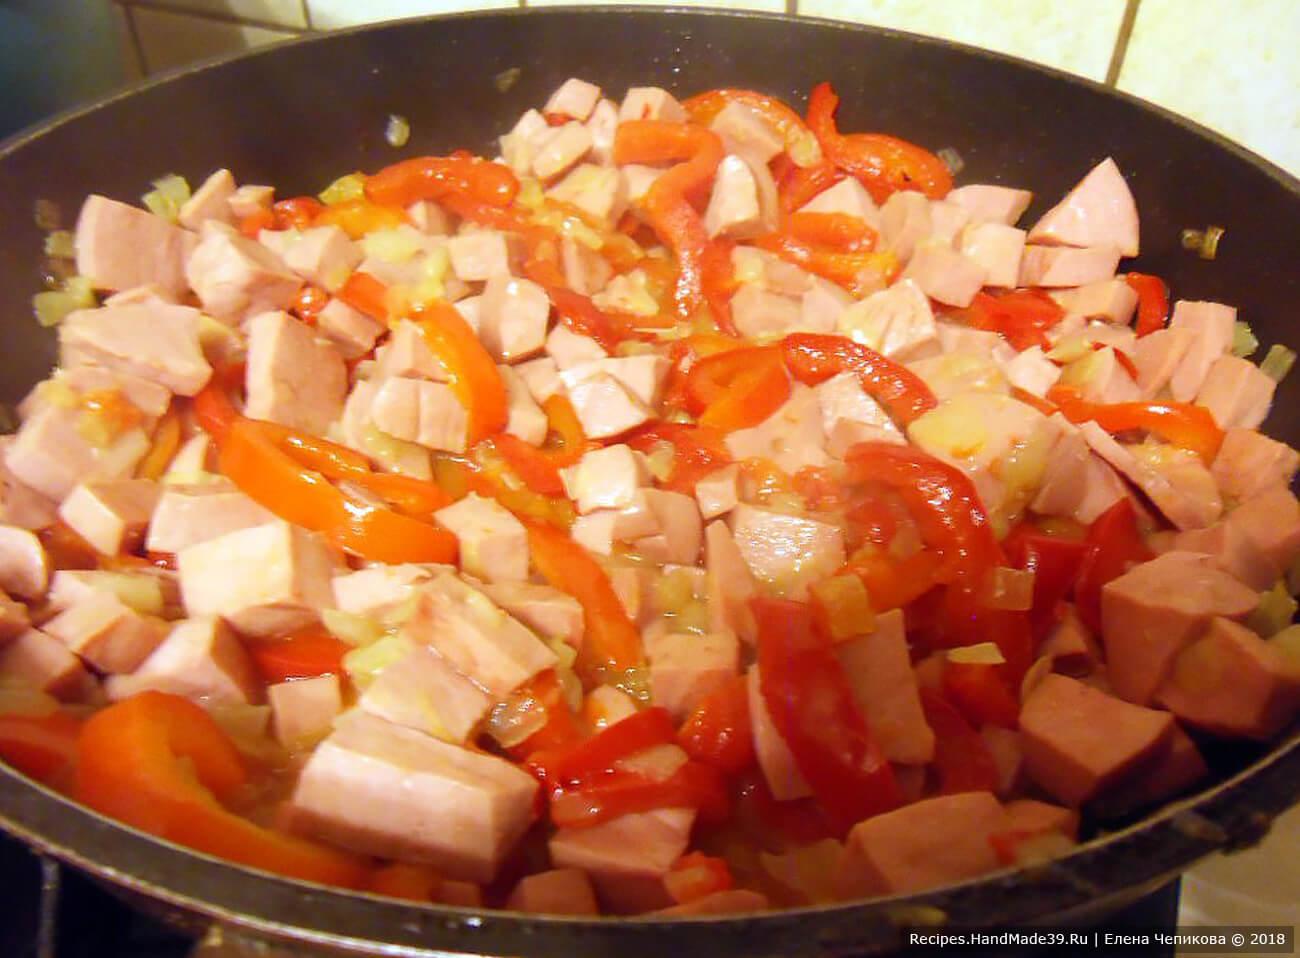 В глубокой сковороде разогреть подсолнечное масло, обжарить лук в течение 2 – 3 минут. Добавить полоски перца и колбасу. Тушить 5 минут. Посолить, поперчить